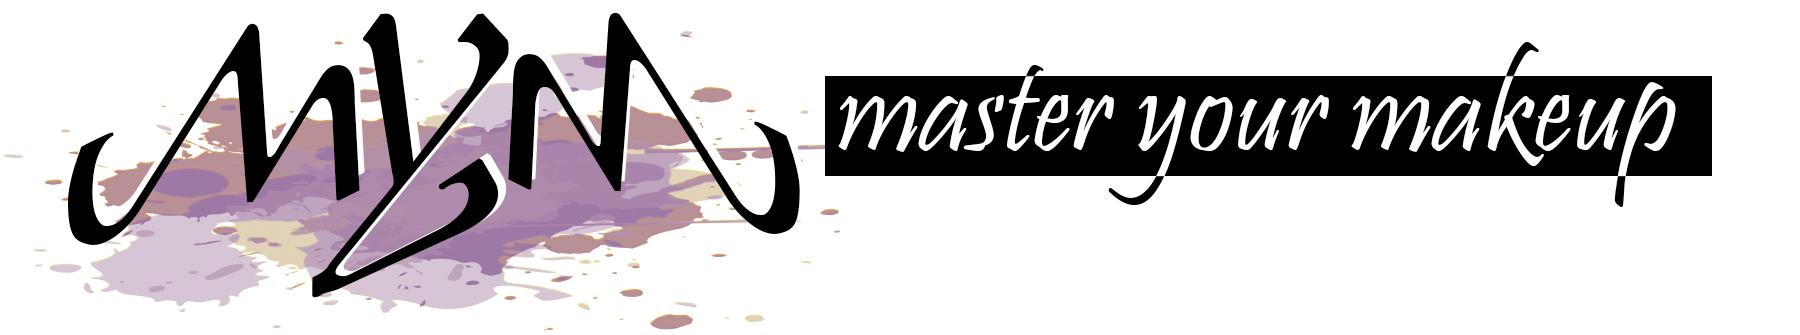 Master Your Makeup Logo 009